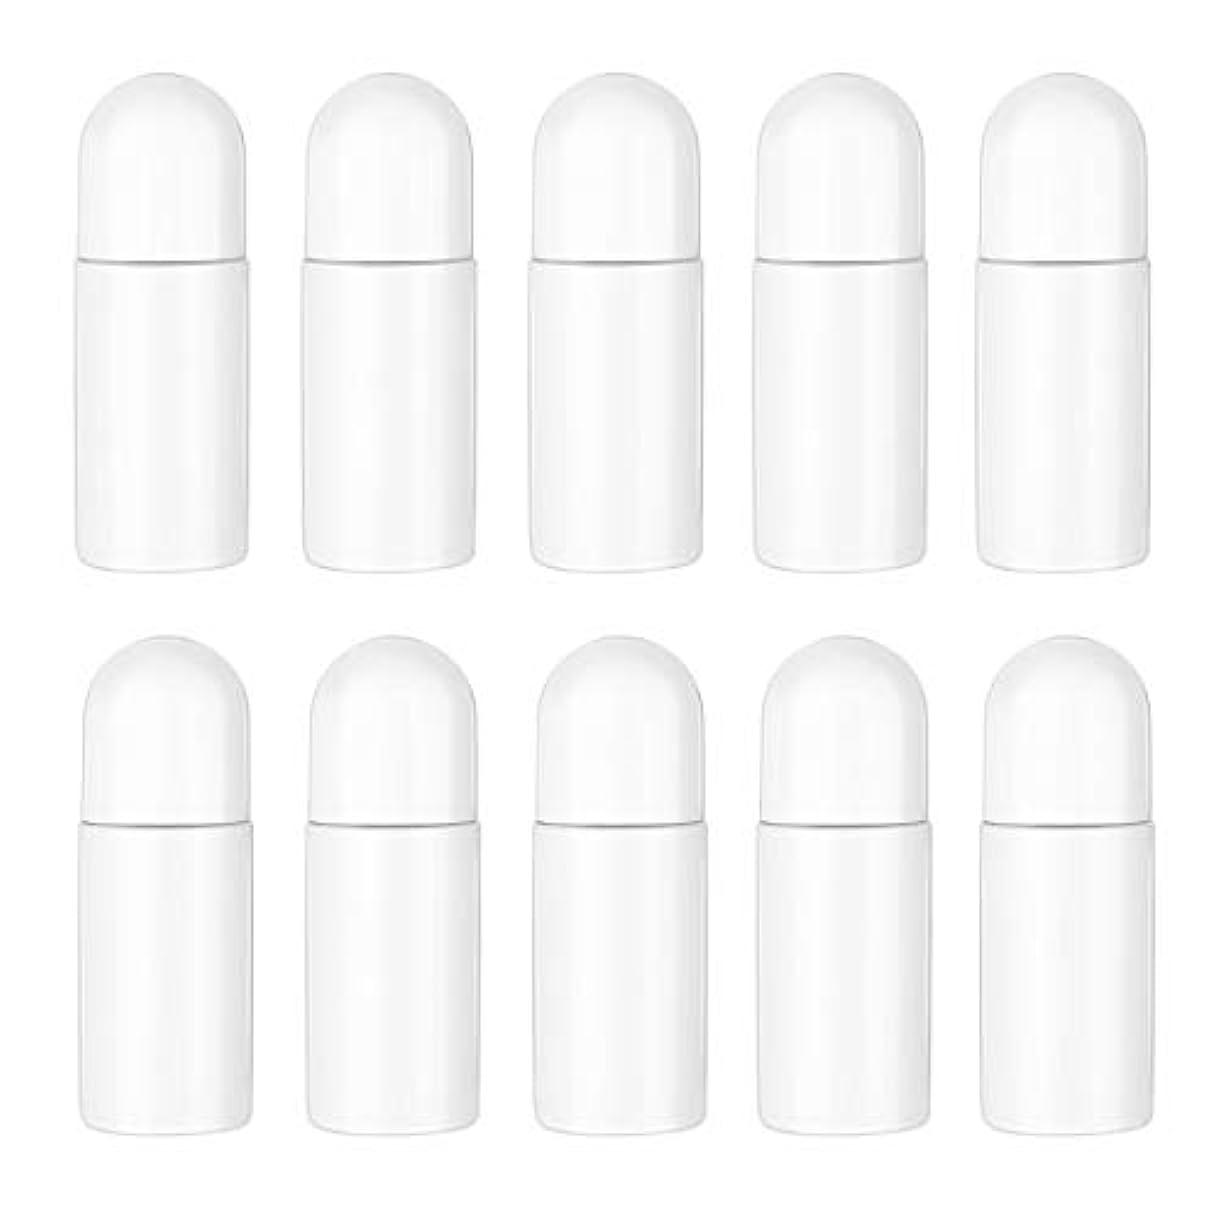 ペック手術予見するHealifty エッセンシャルオイル香水化粧品50 ml(白)の10ピースプラスチックローラーボトル空の詰め替え可能なローラーボールボトル